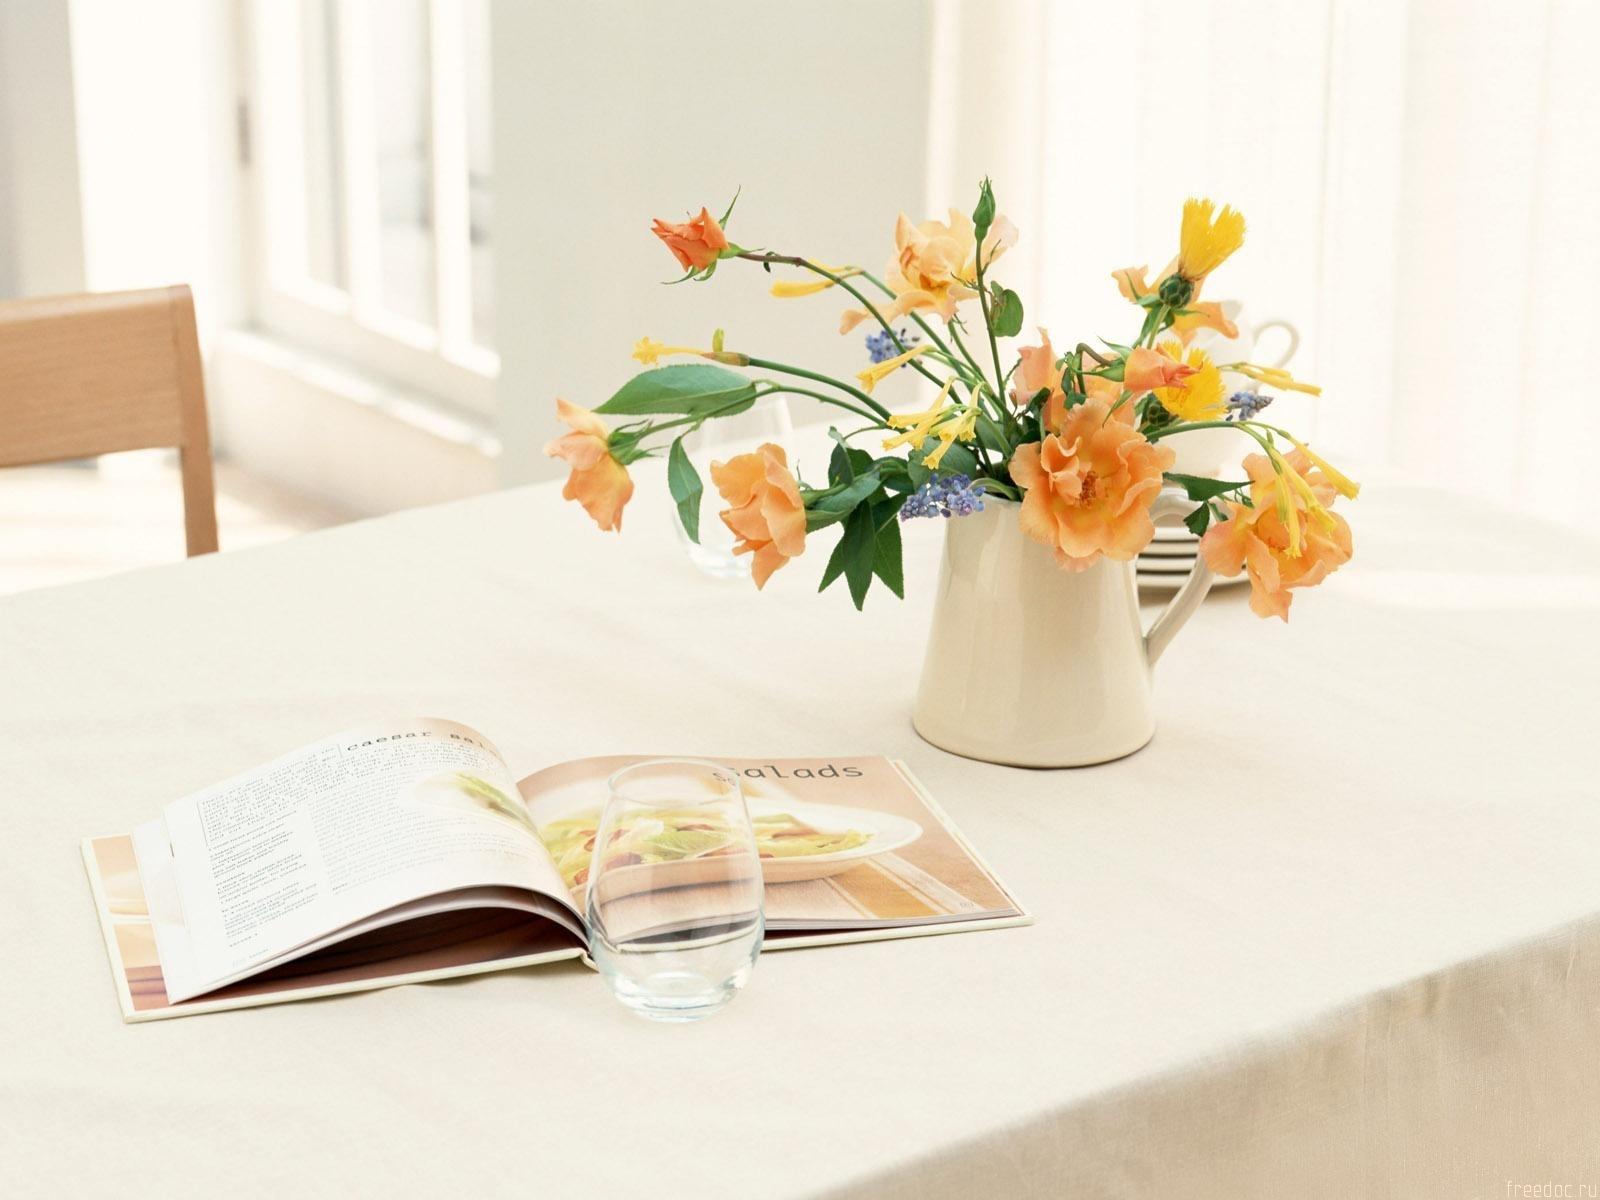 6519 скачать обои Растения, Цветы - заставки и картинки бесплатно